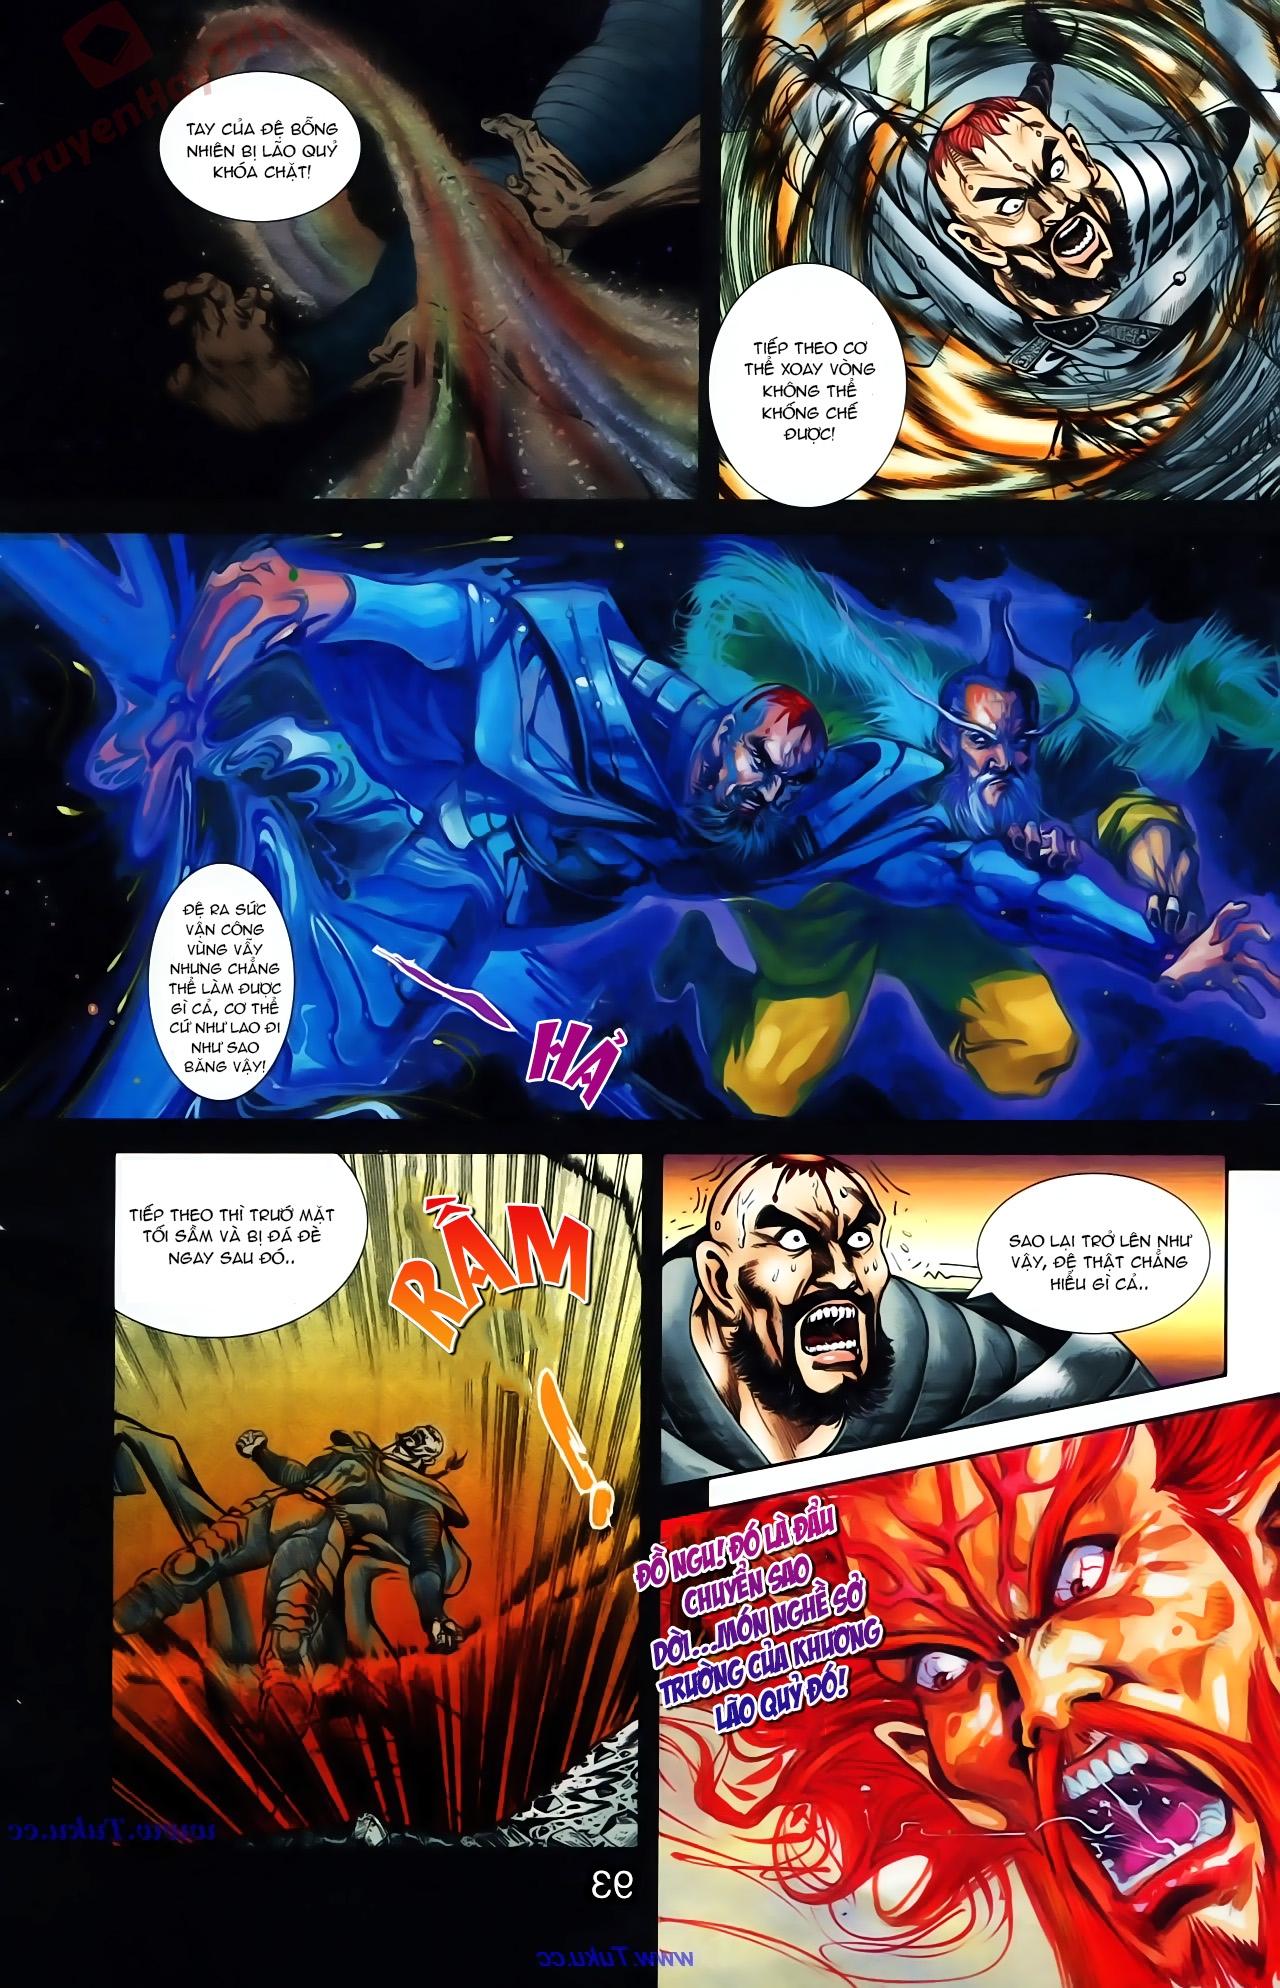 Cơ Phát Khai Chu Bản chapter 75 trang 10